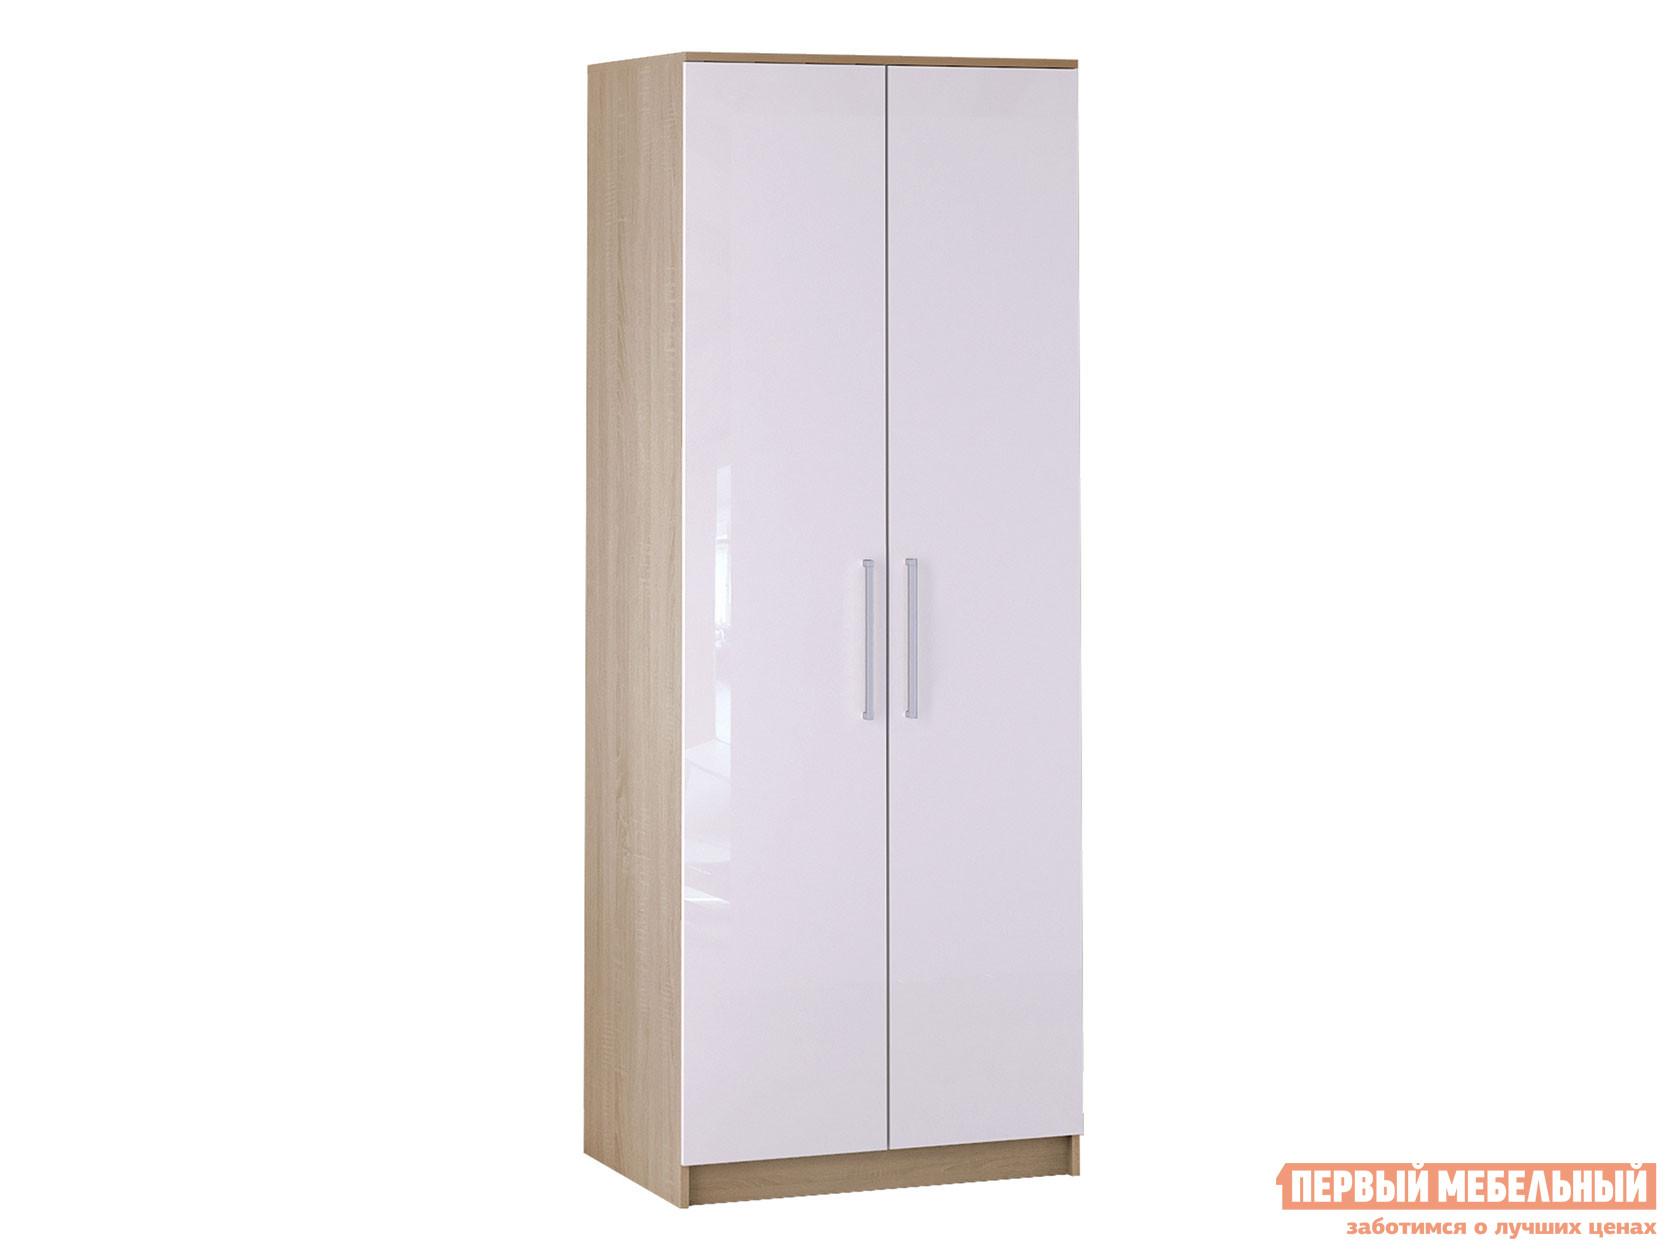 Шкаф распашной НК-Мебель Бланка шкаф 2-х дверный 72250075 шкаф распашной нк мебель прага шкаф 4 х дверный 72030103